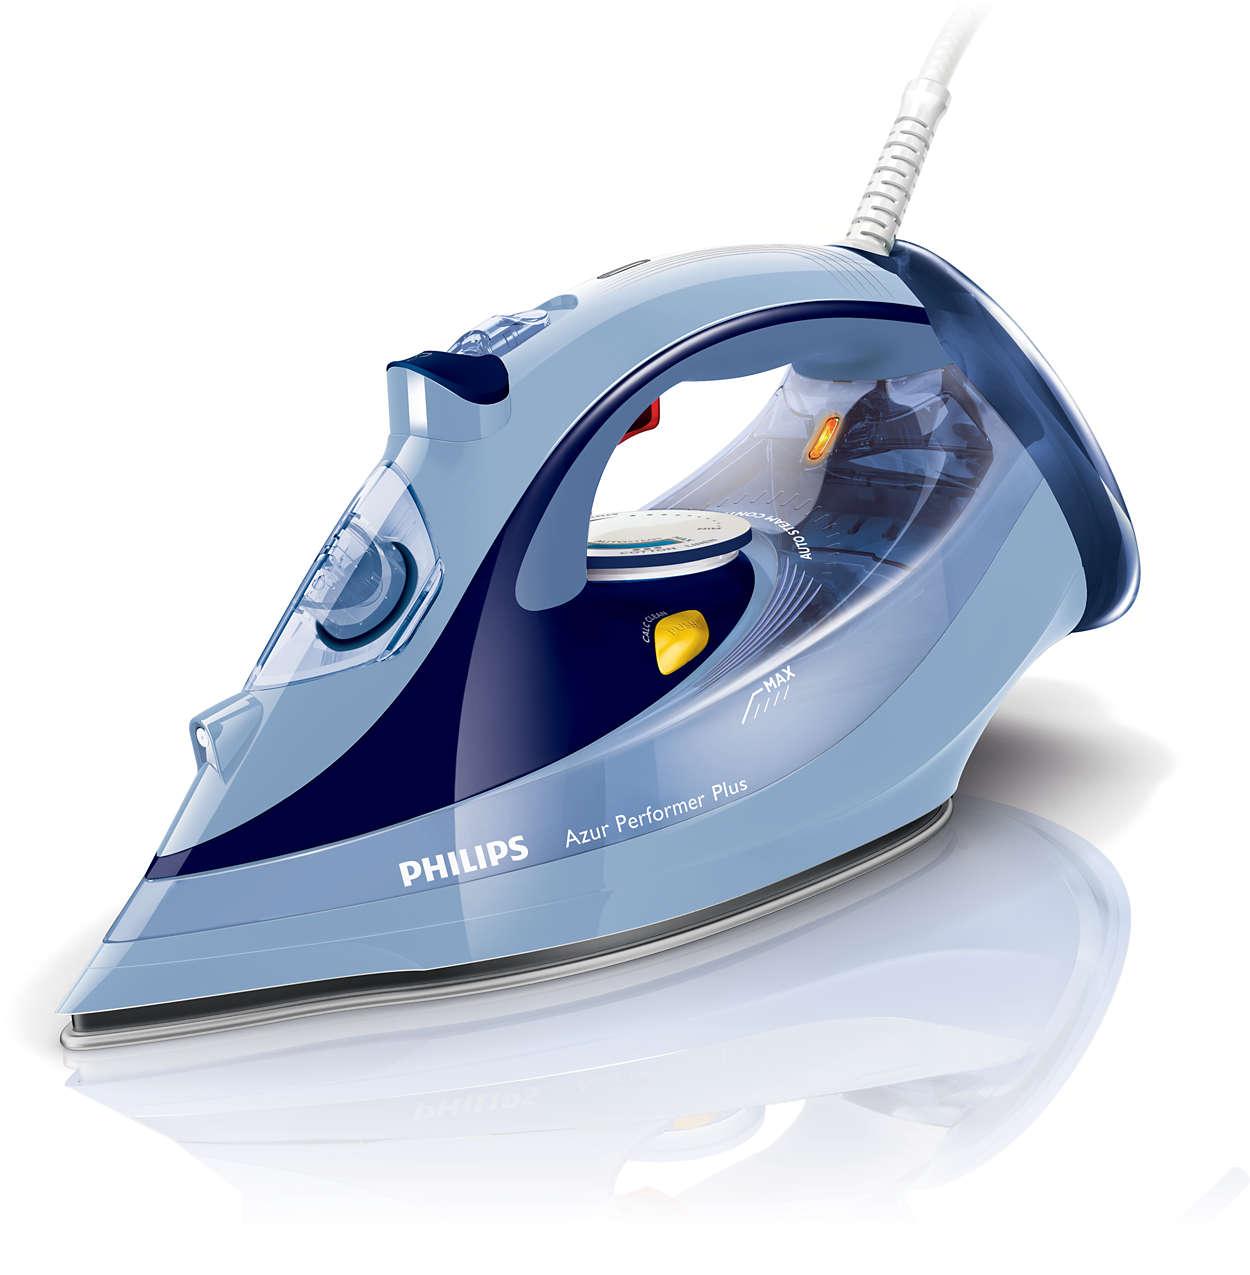 Philips GC4521 Azur Performer Plus